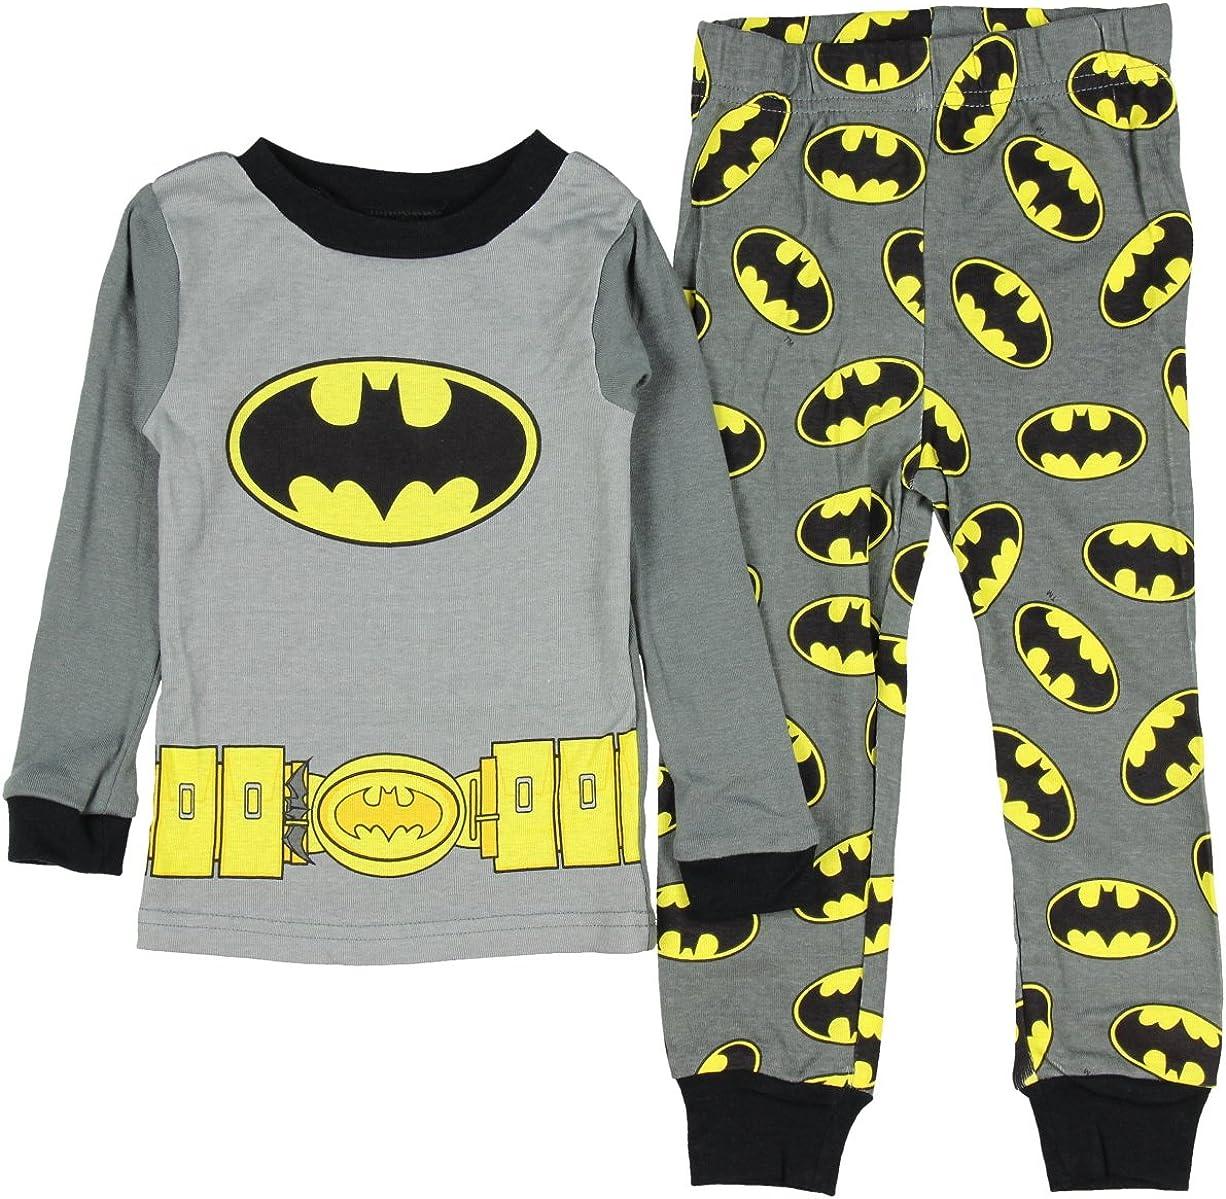 DC Comics Batman Baby Boys 2 Piece Shirt /& Shorts Pajama Set